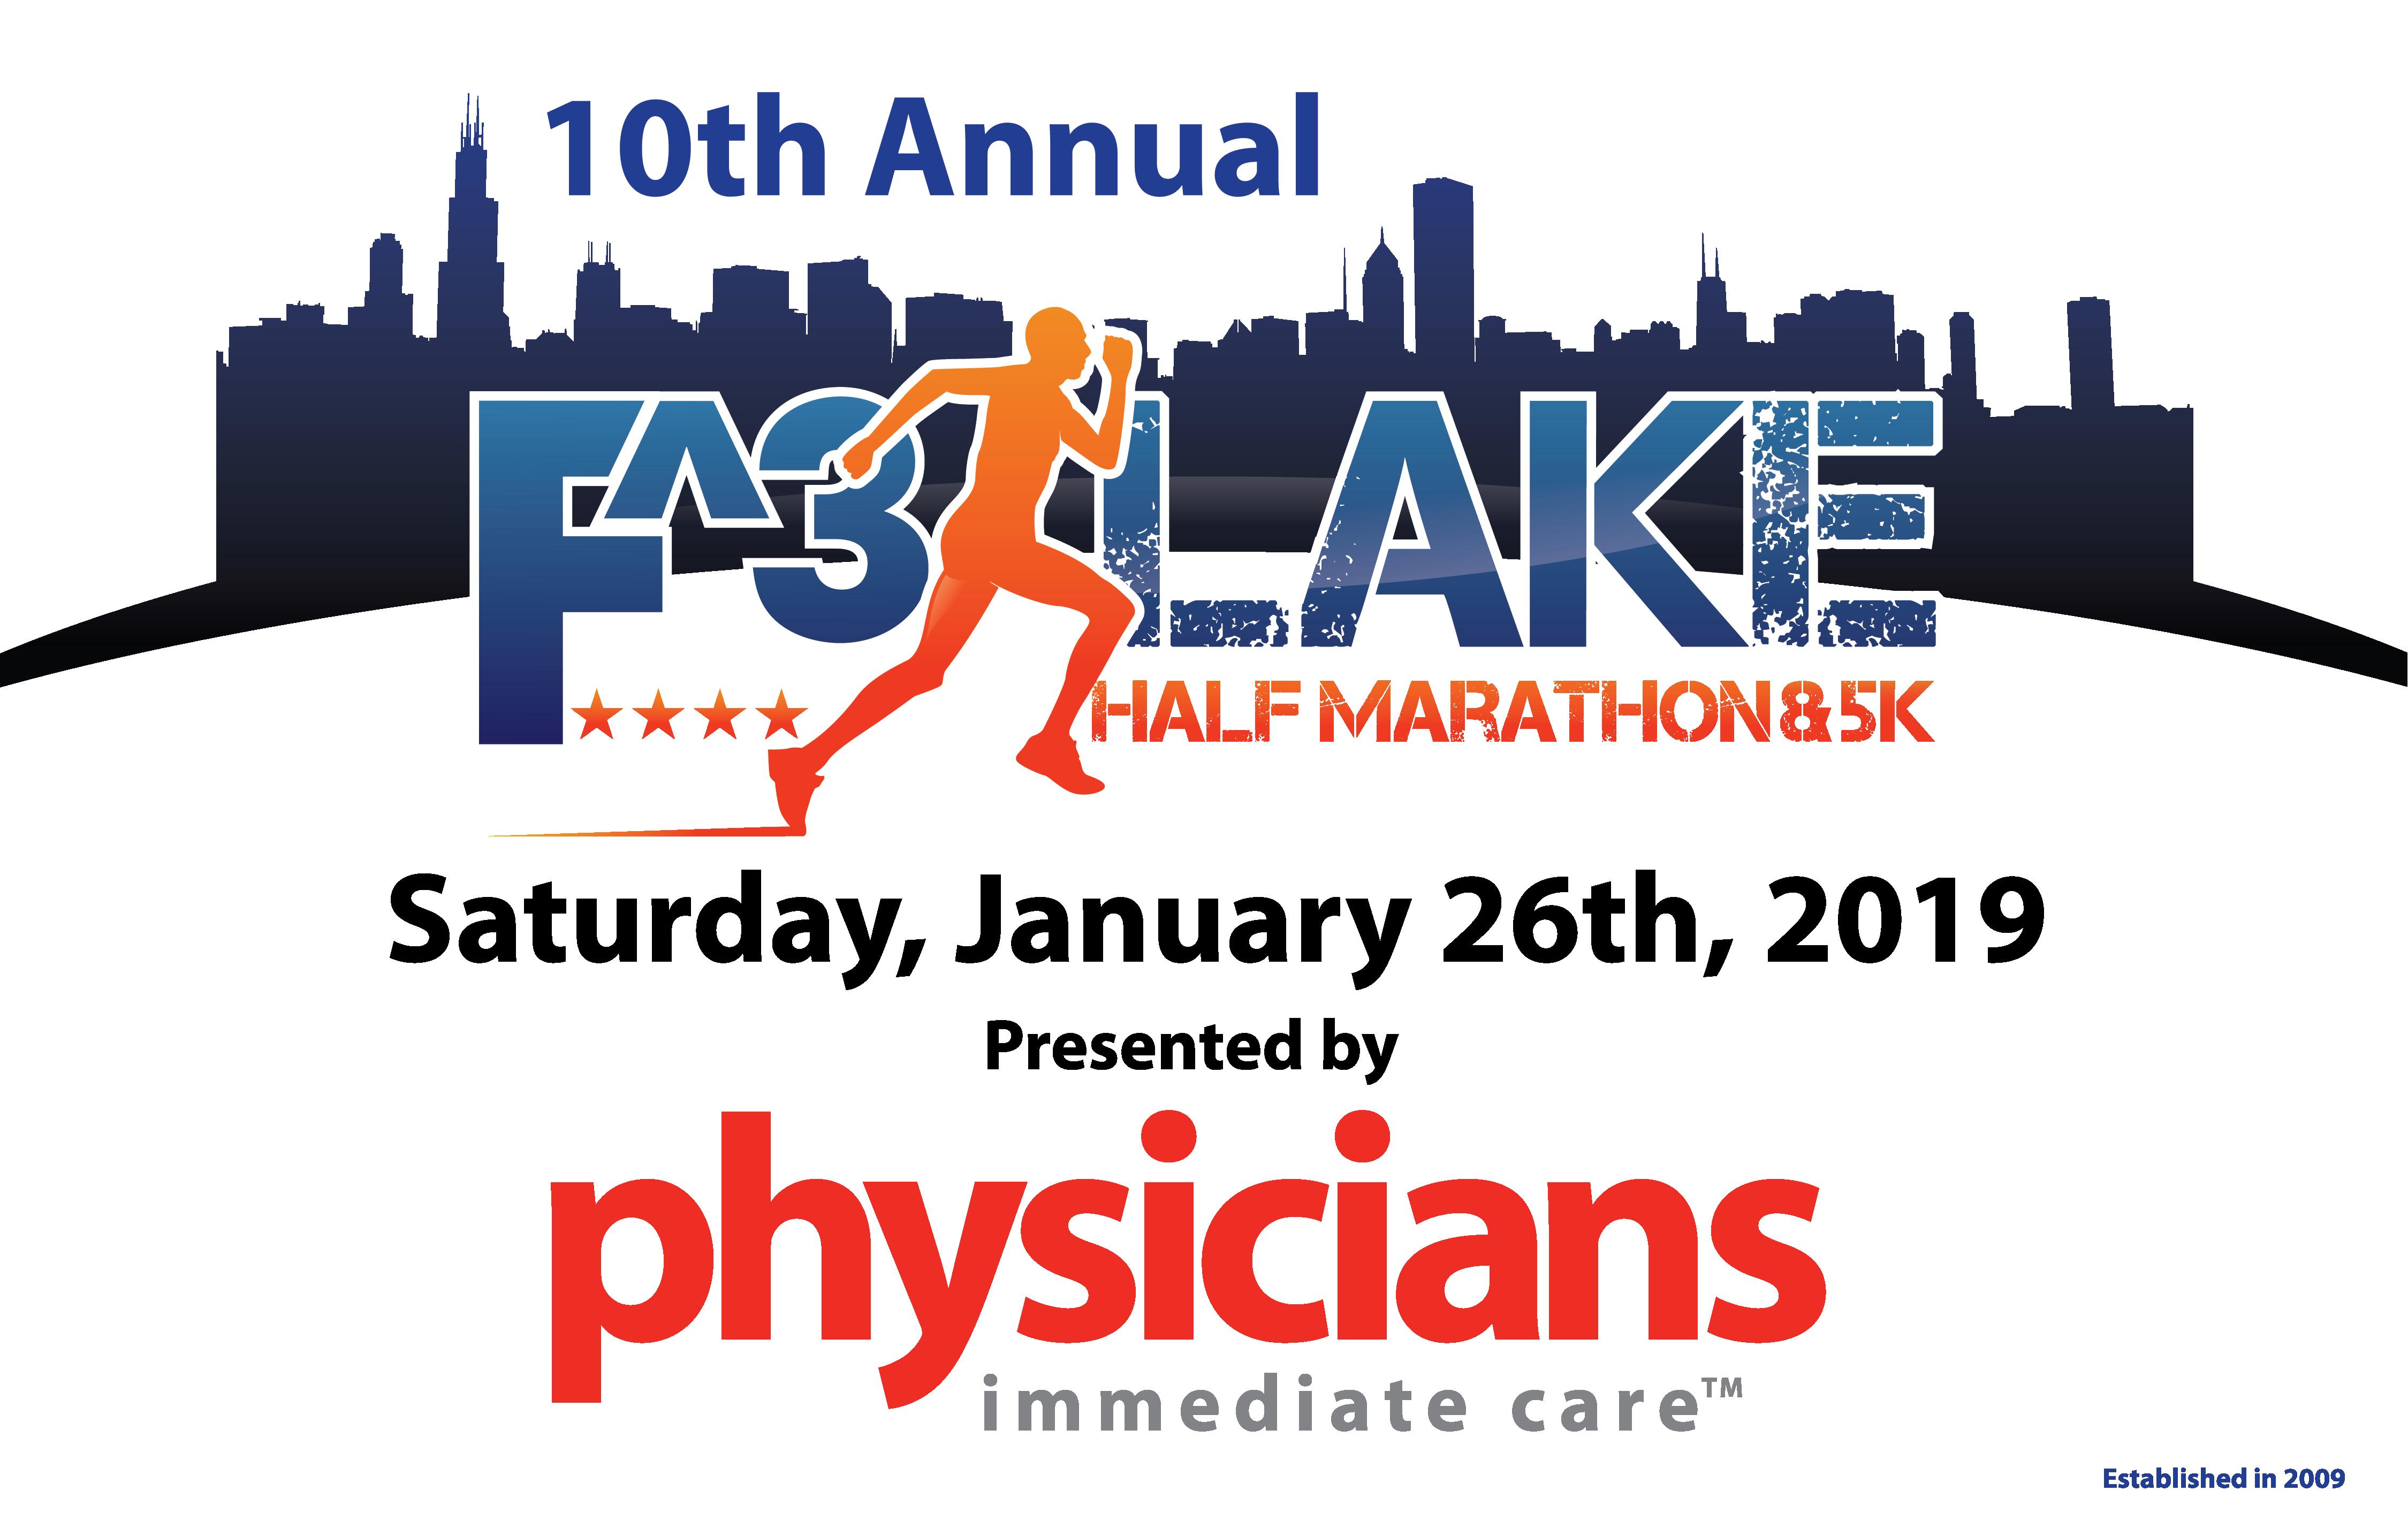 F3 Lake Marathon+5K trans bg